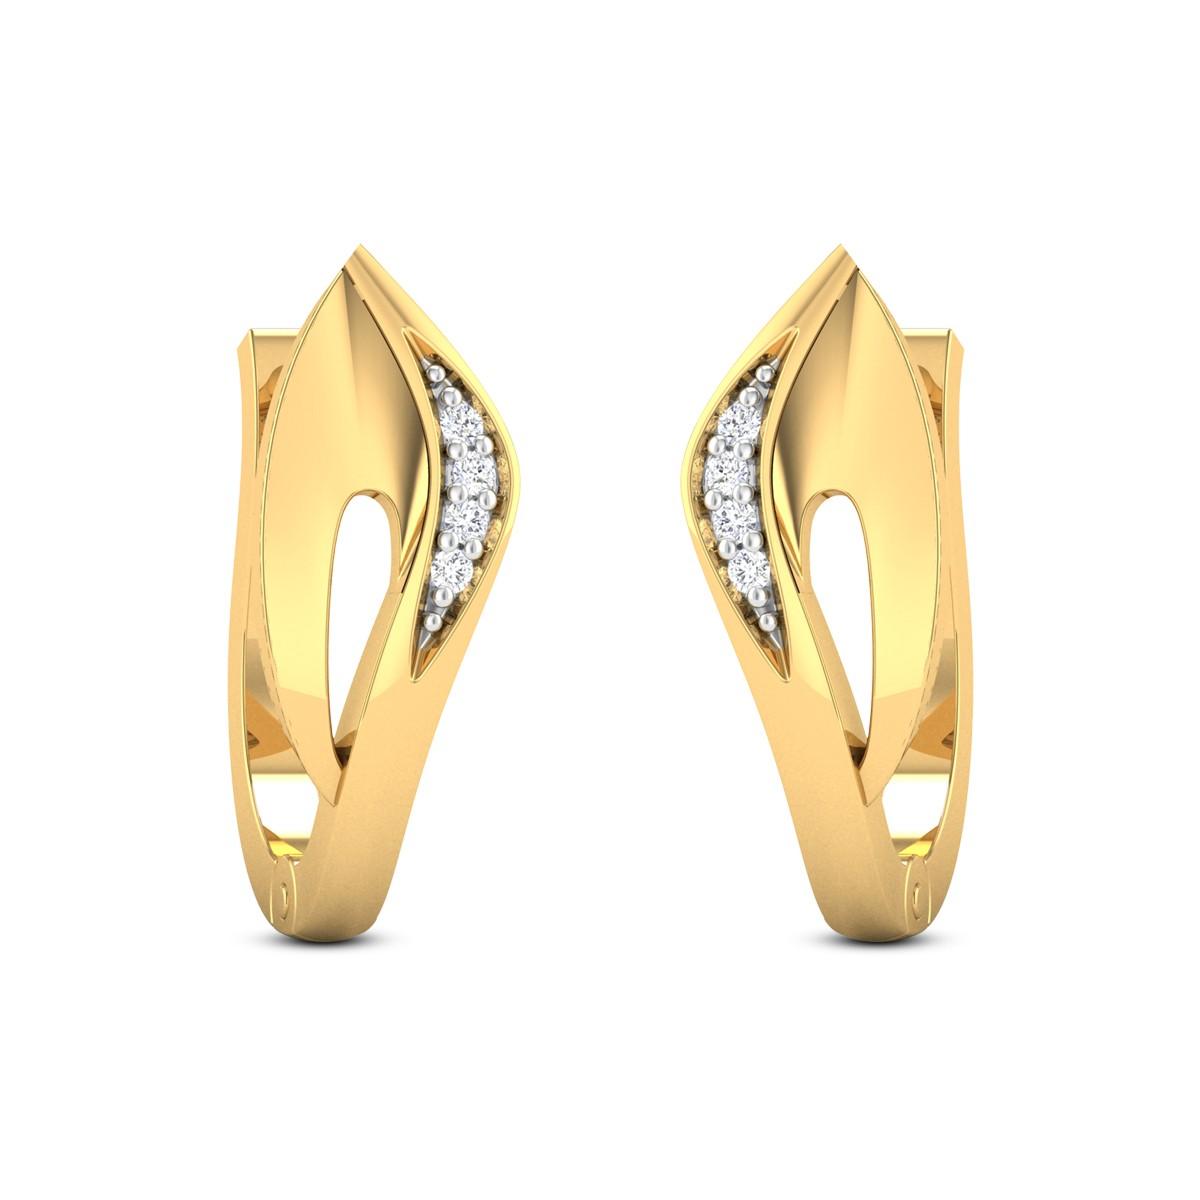 Tvarita Diamond Hoop Earrings